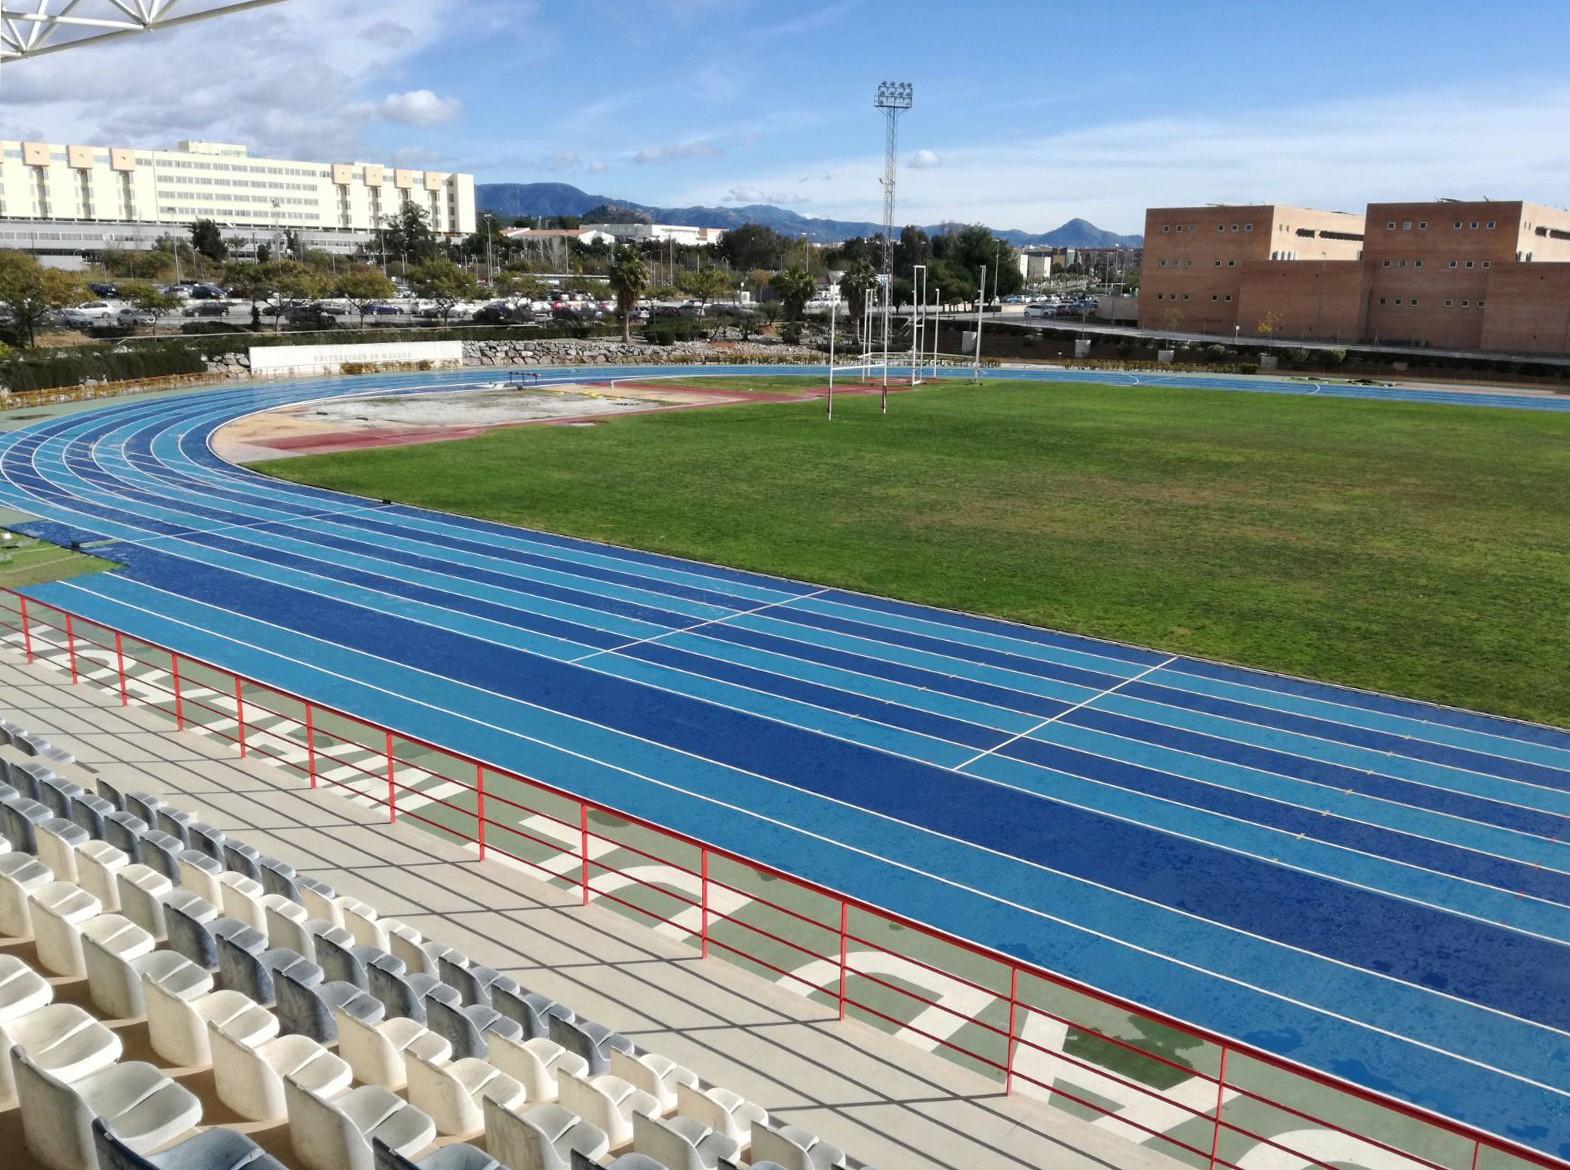 Pista del Campus de Teatinos de la Universidad de Málaga, equipada con Sportflex Super X.